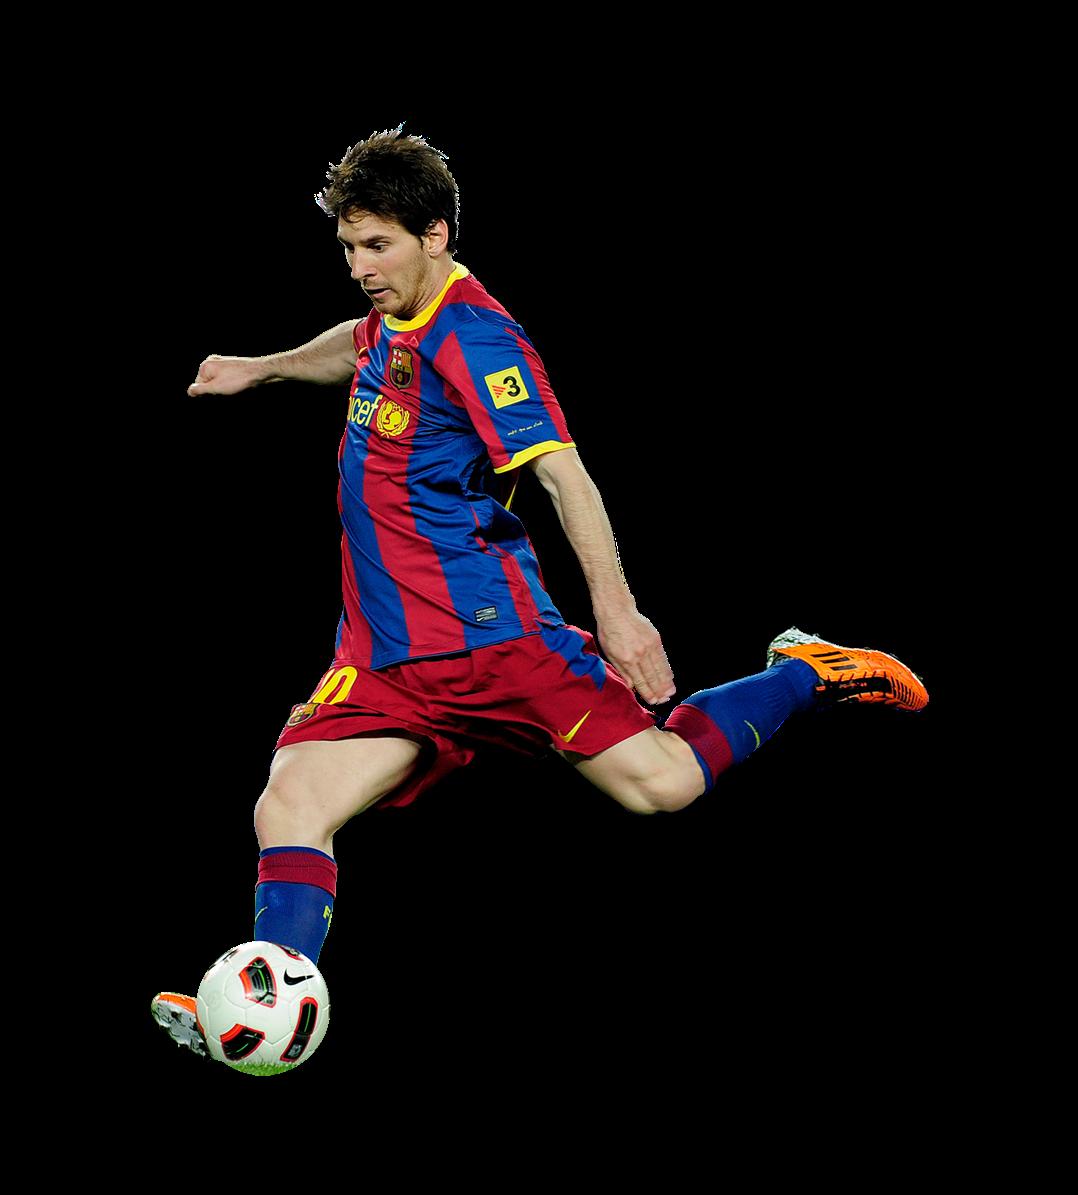 Lucas Moura Messi O Benzema Al Psg: Designer De Boleiro: Lionel Messi